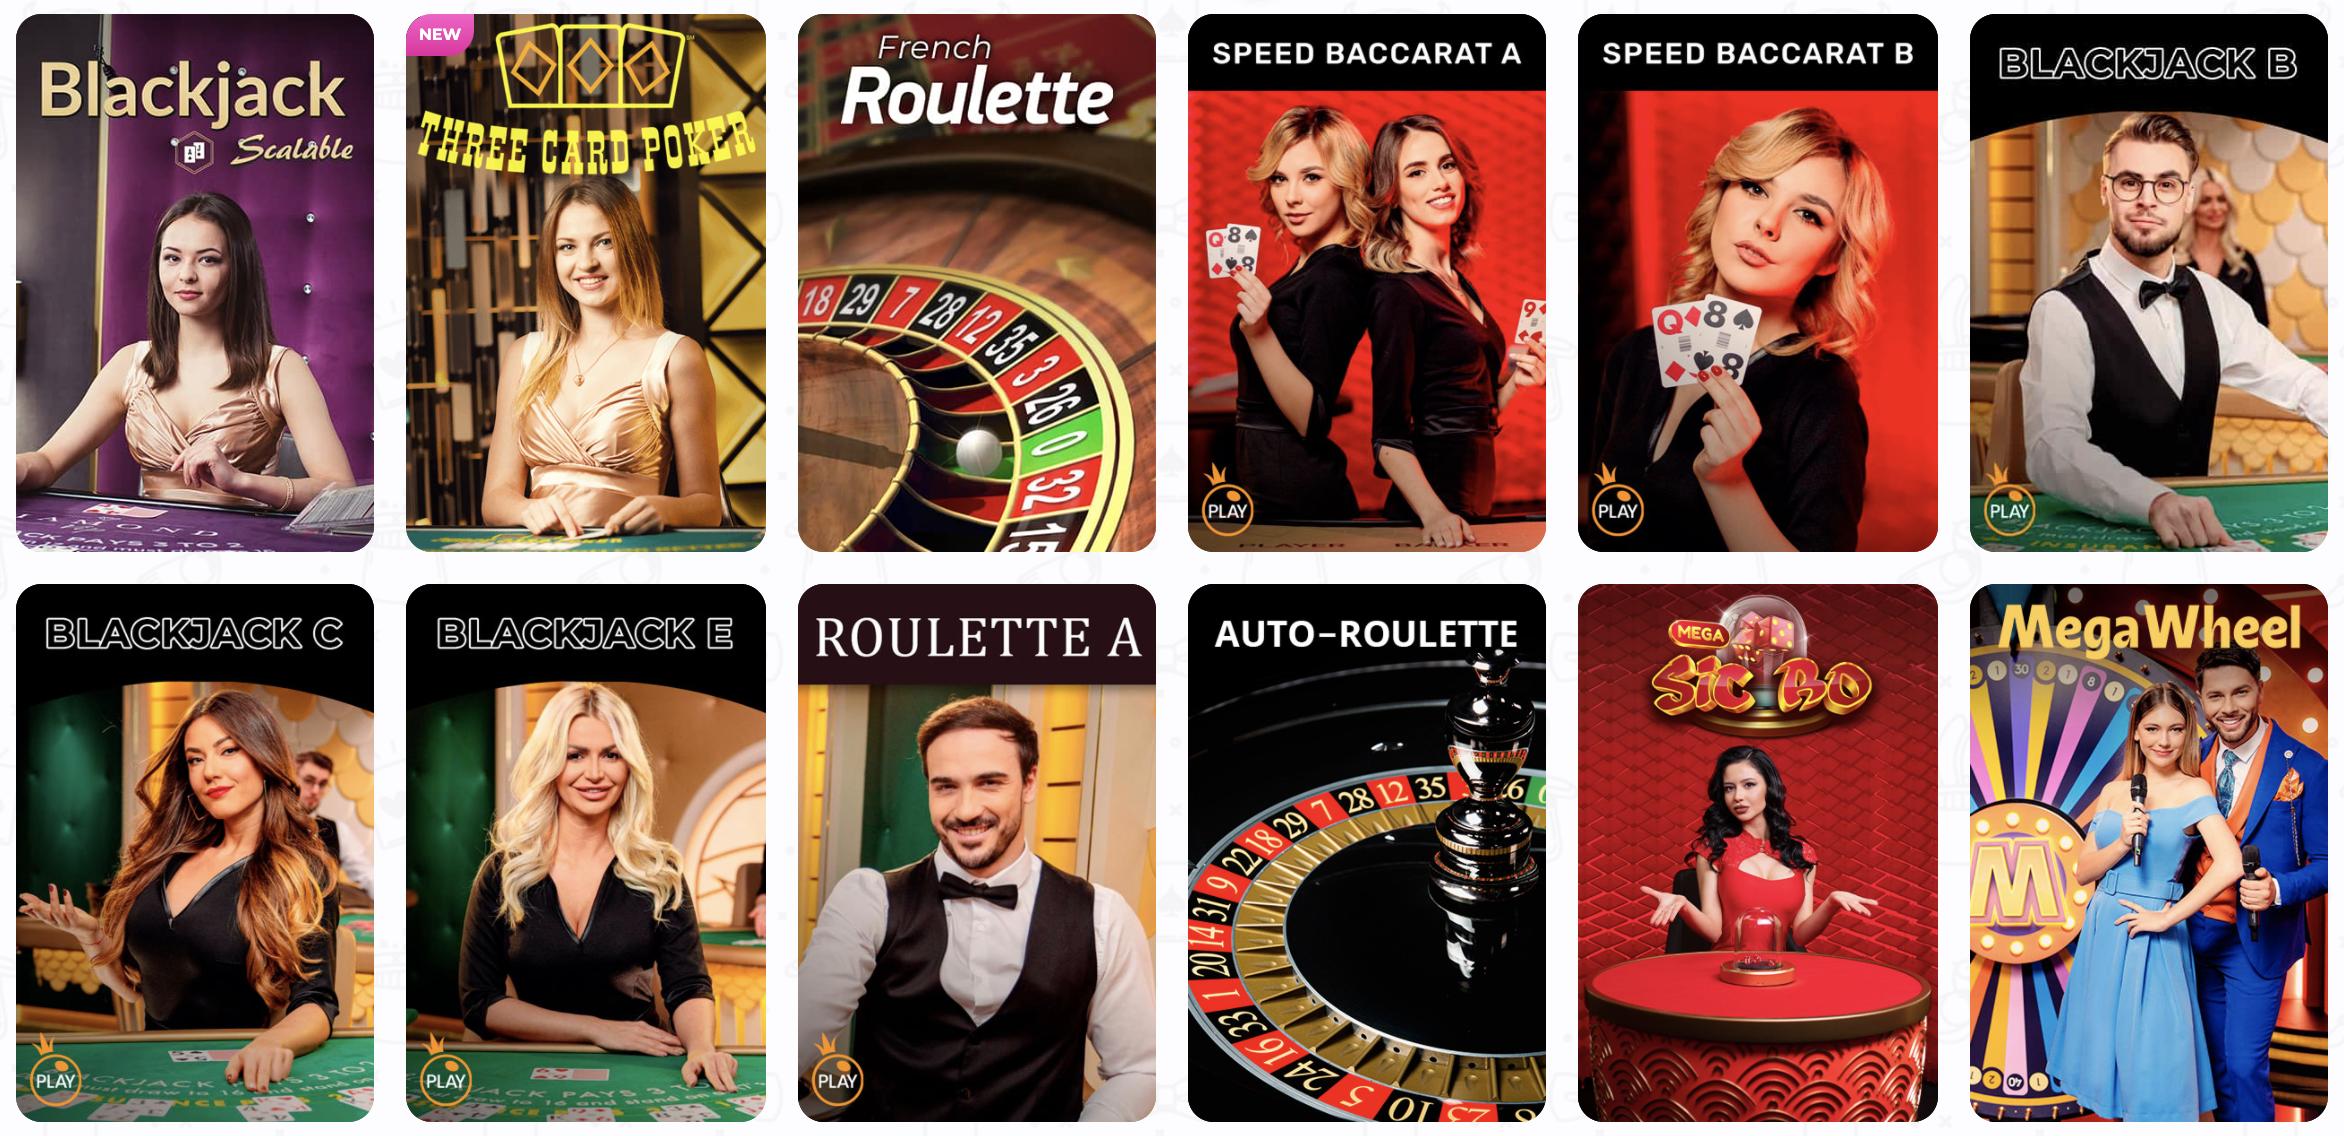 Zobacz ofertę kasyna na żywo, znajdziesz w nim np. ruletkę, pokera i inne gry karciane.